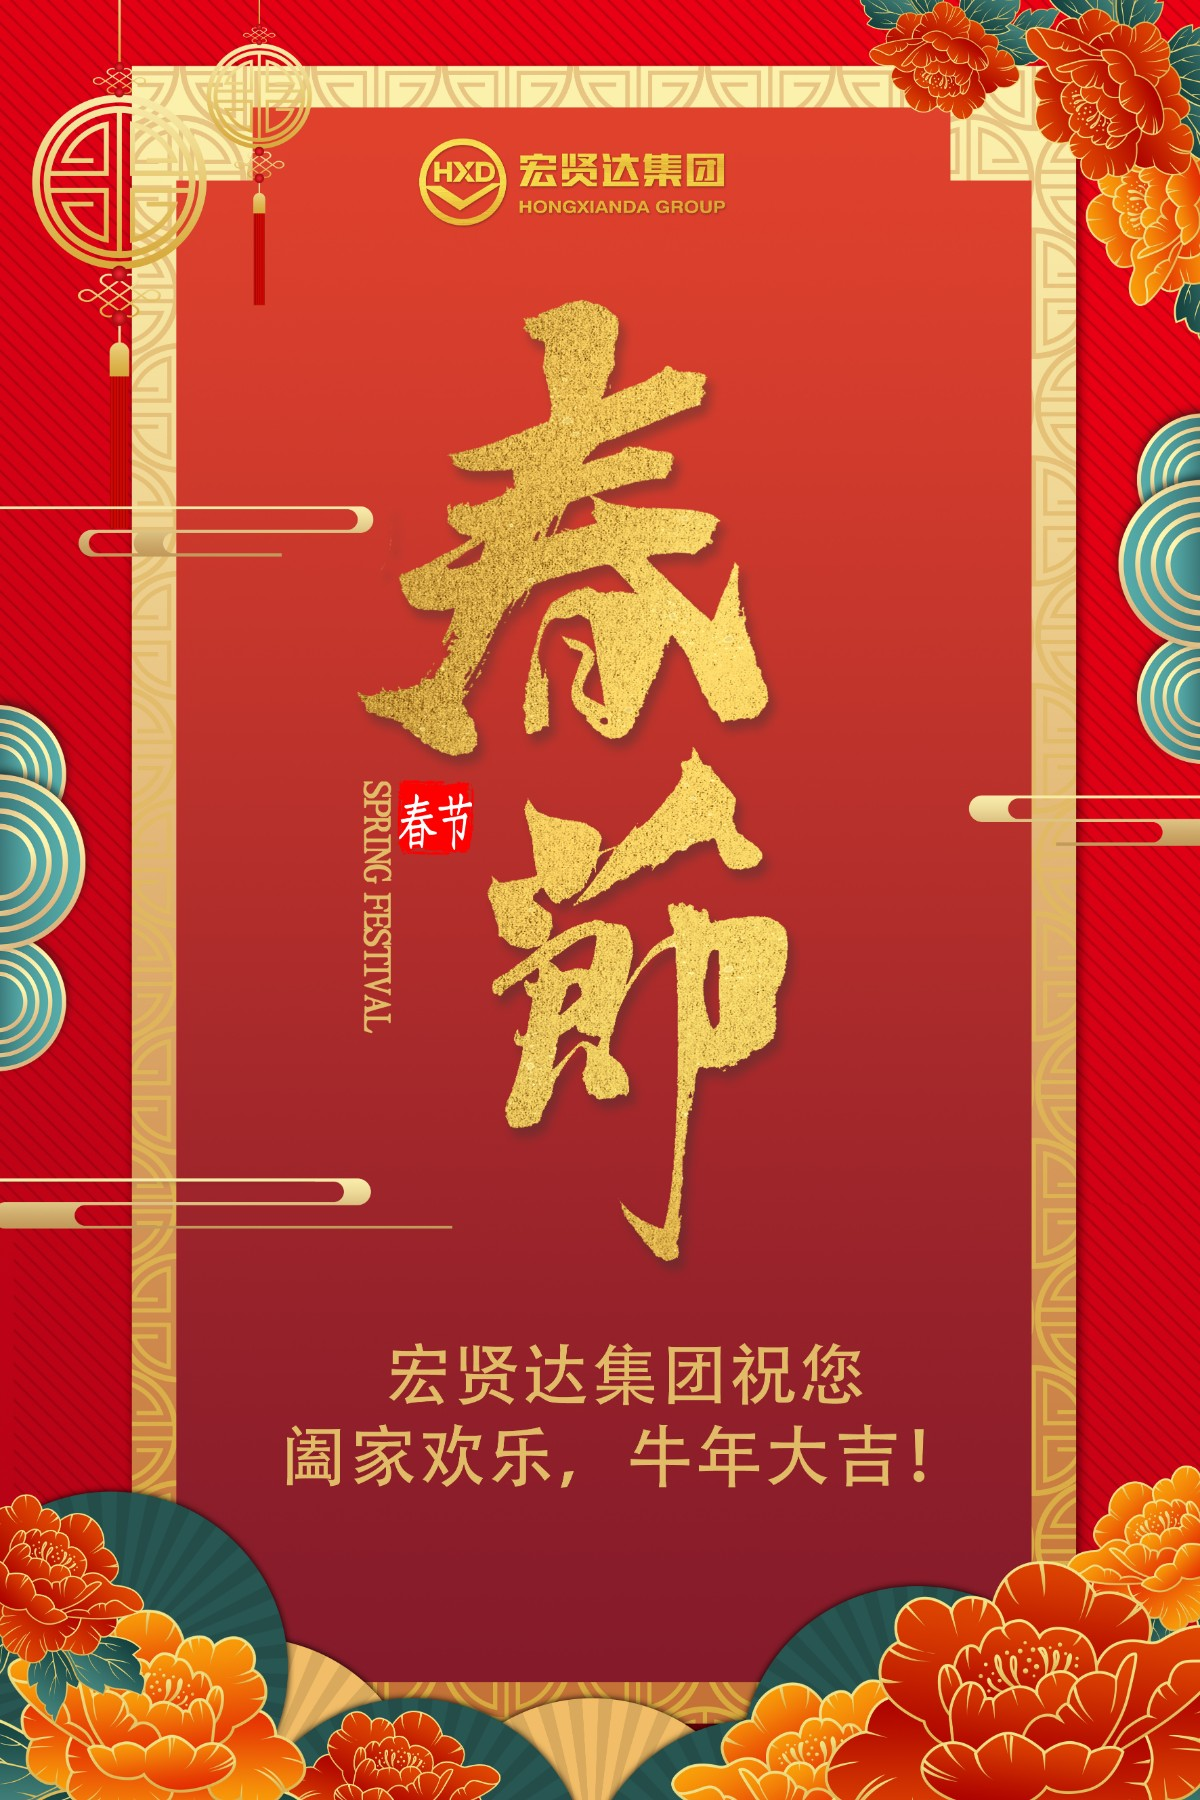 春节祝福海报2.jpg